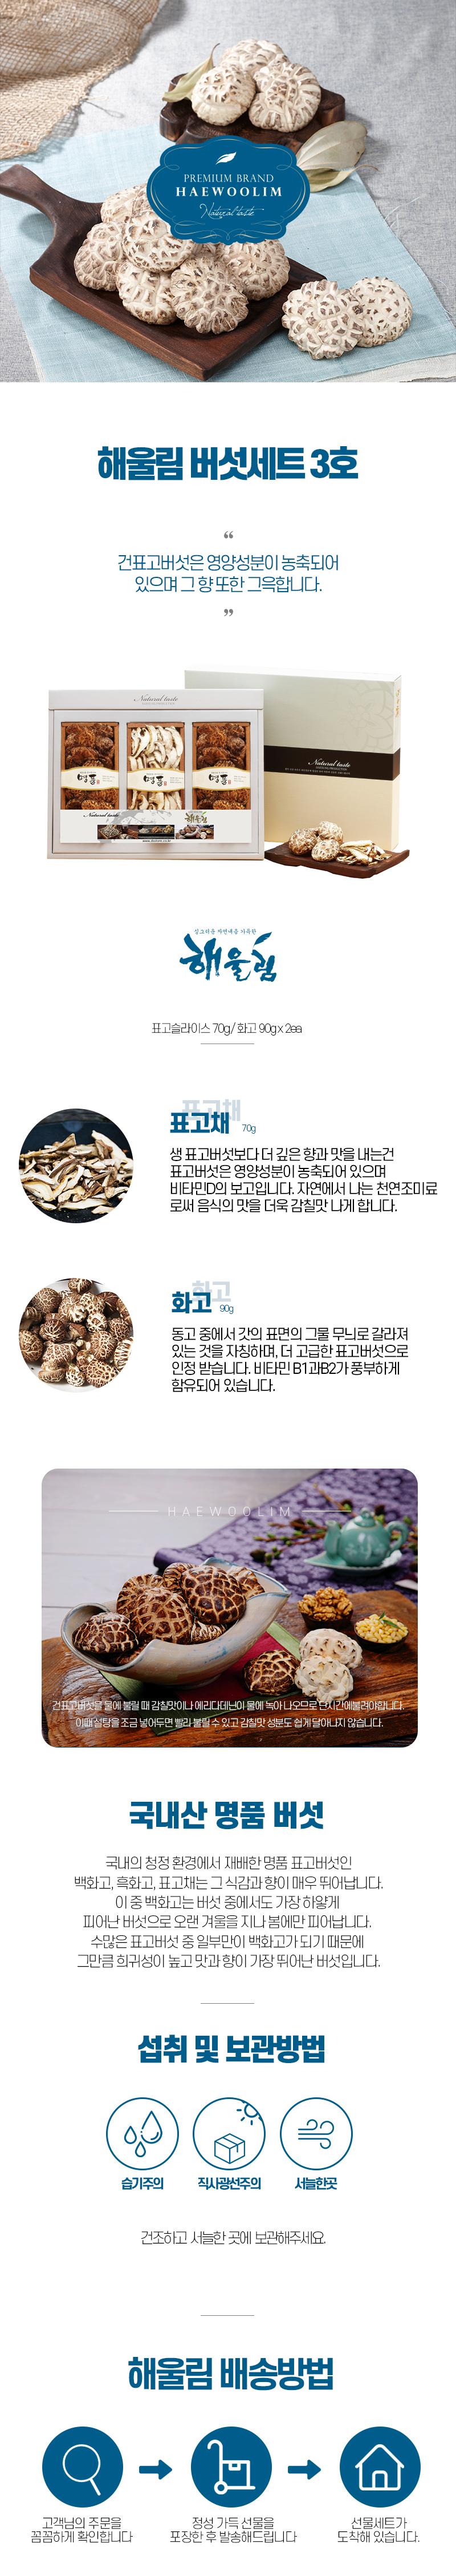 해울림 버섯세트 3호.jpg